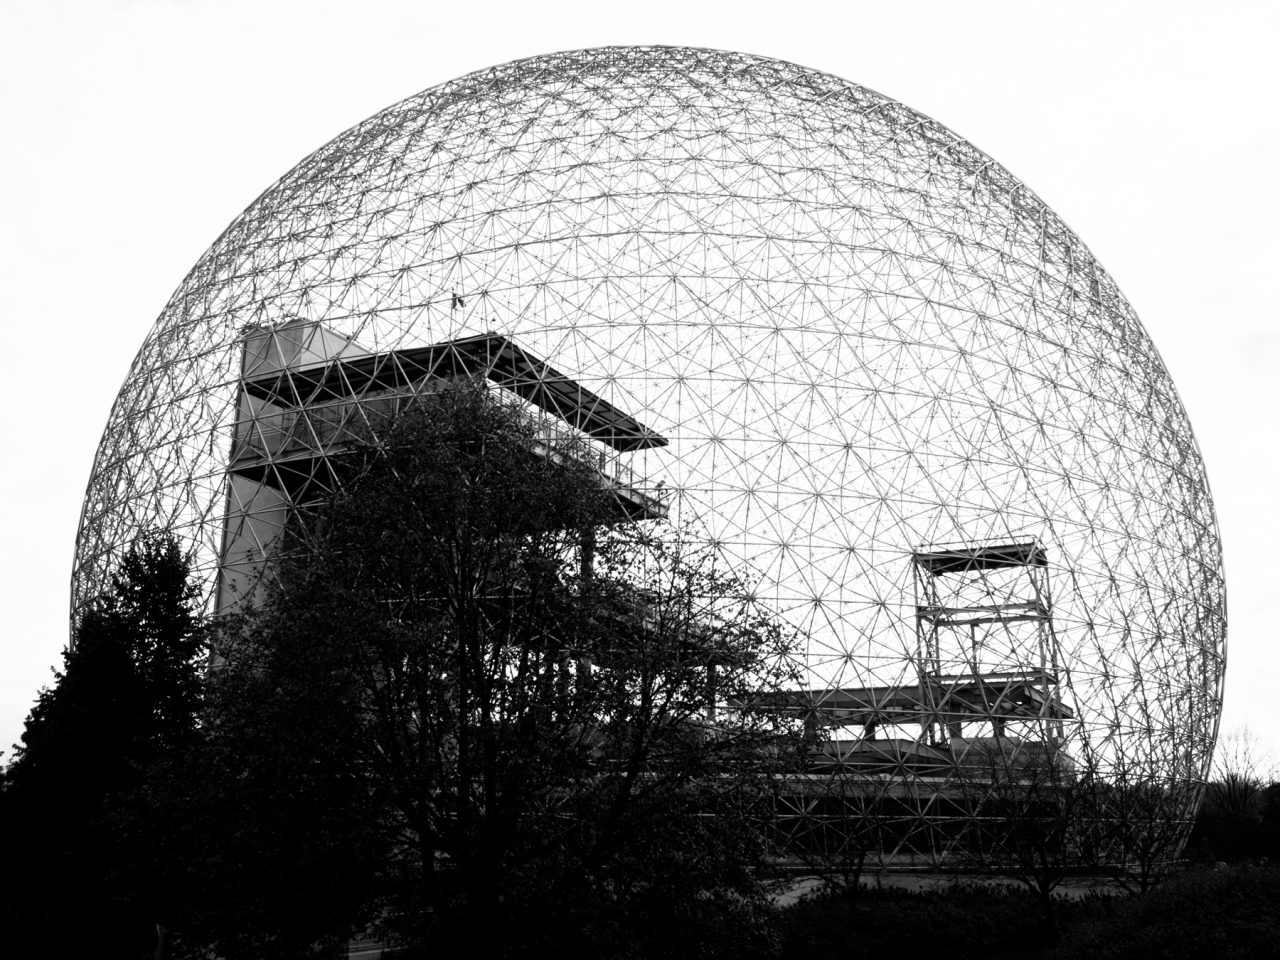 biosphère de montréal en noir et blanc-l'automne à montréal-photos du canada-